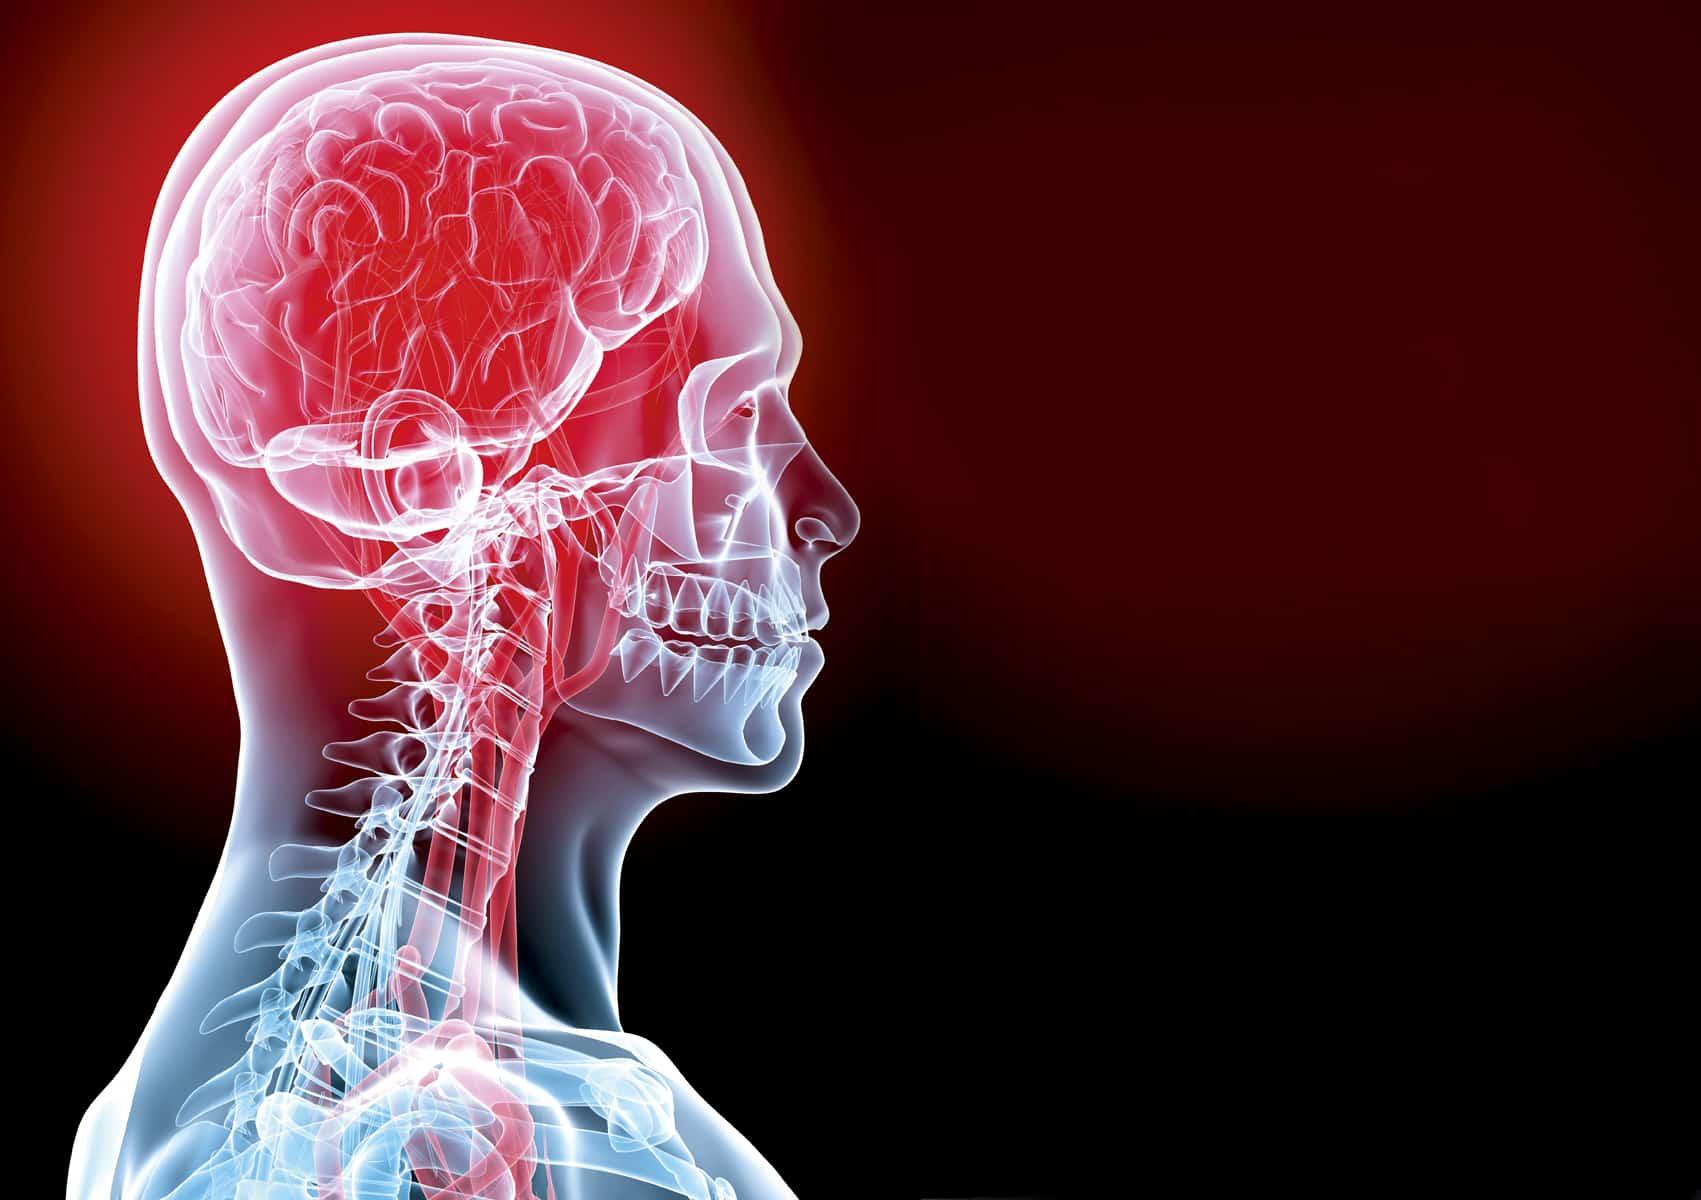 اعراض الجلطة الدماغية